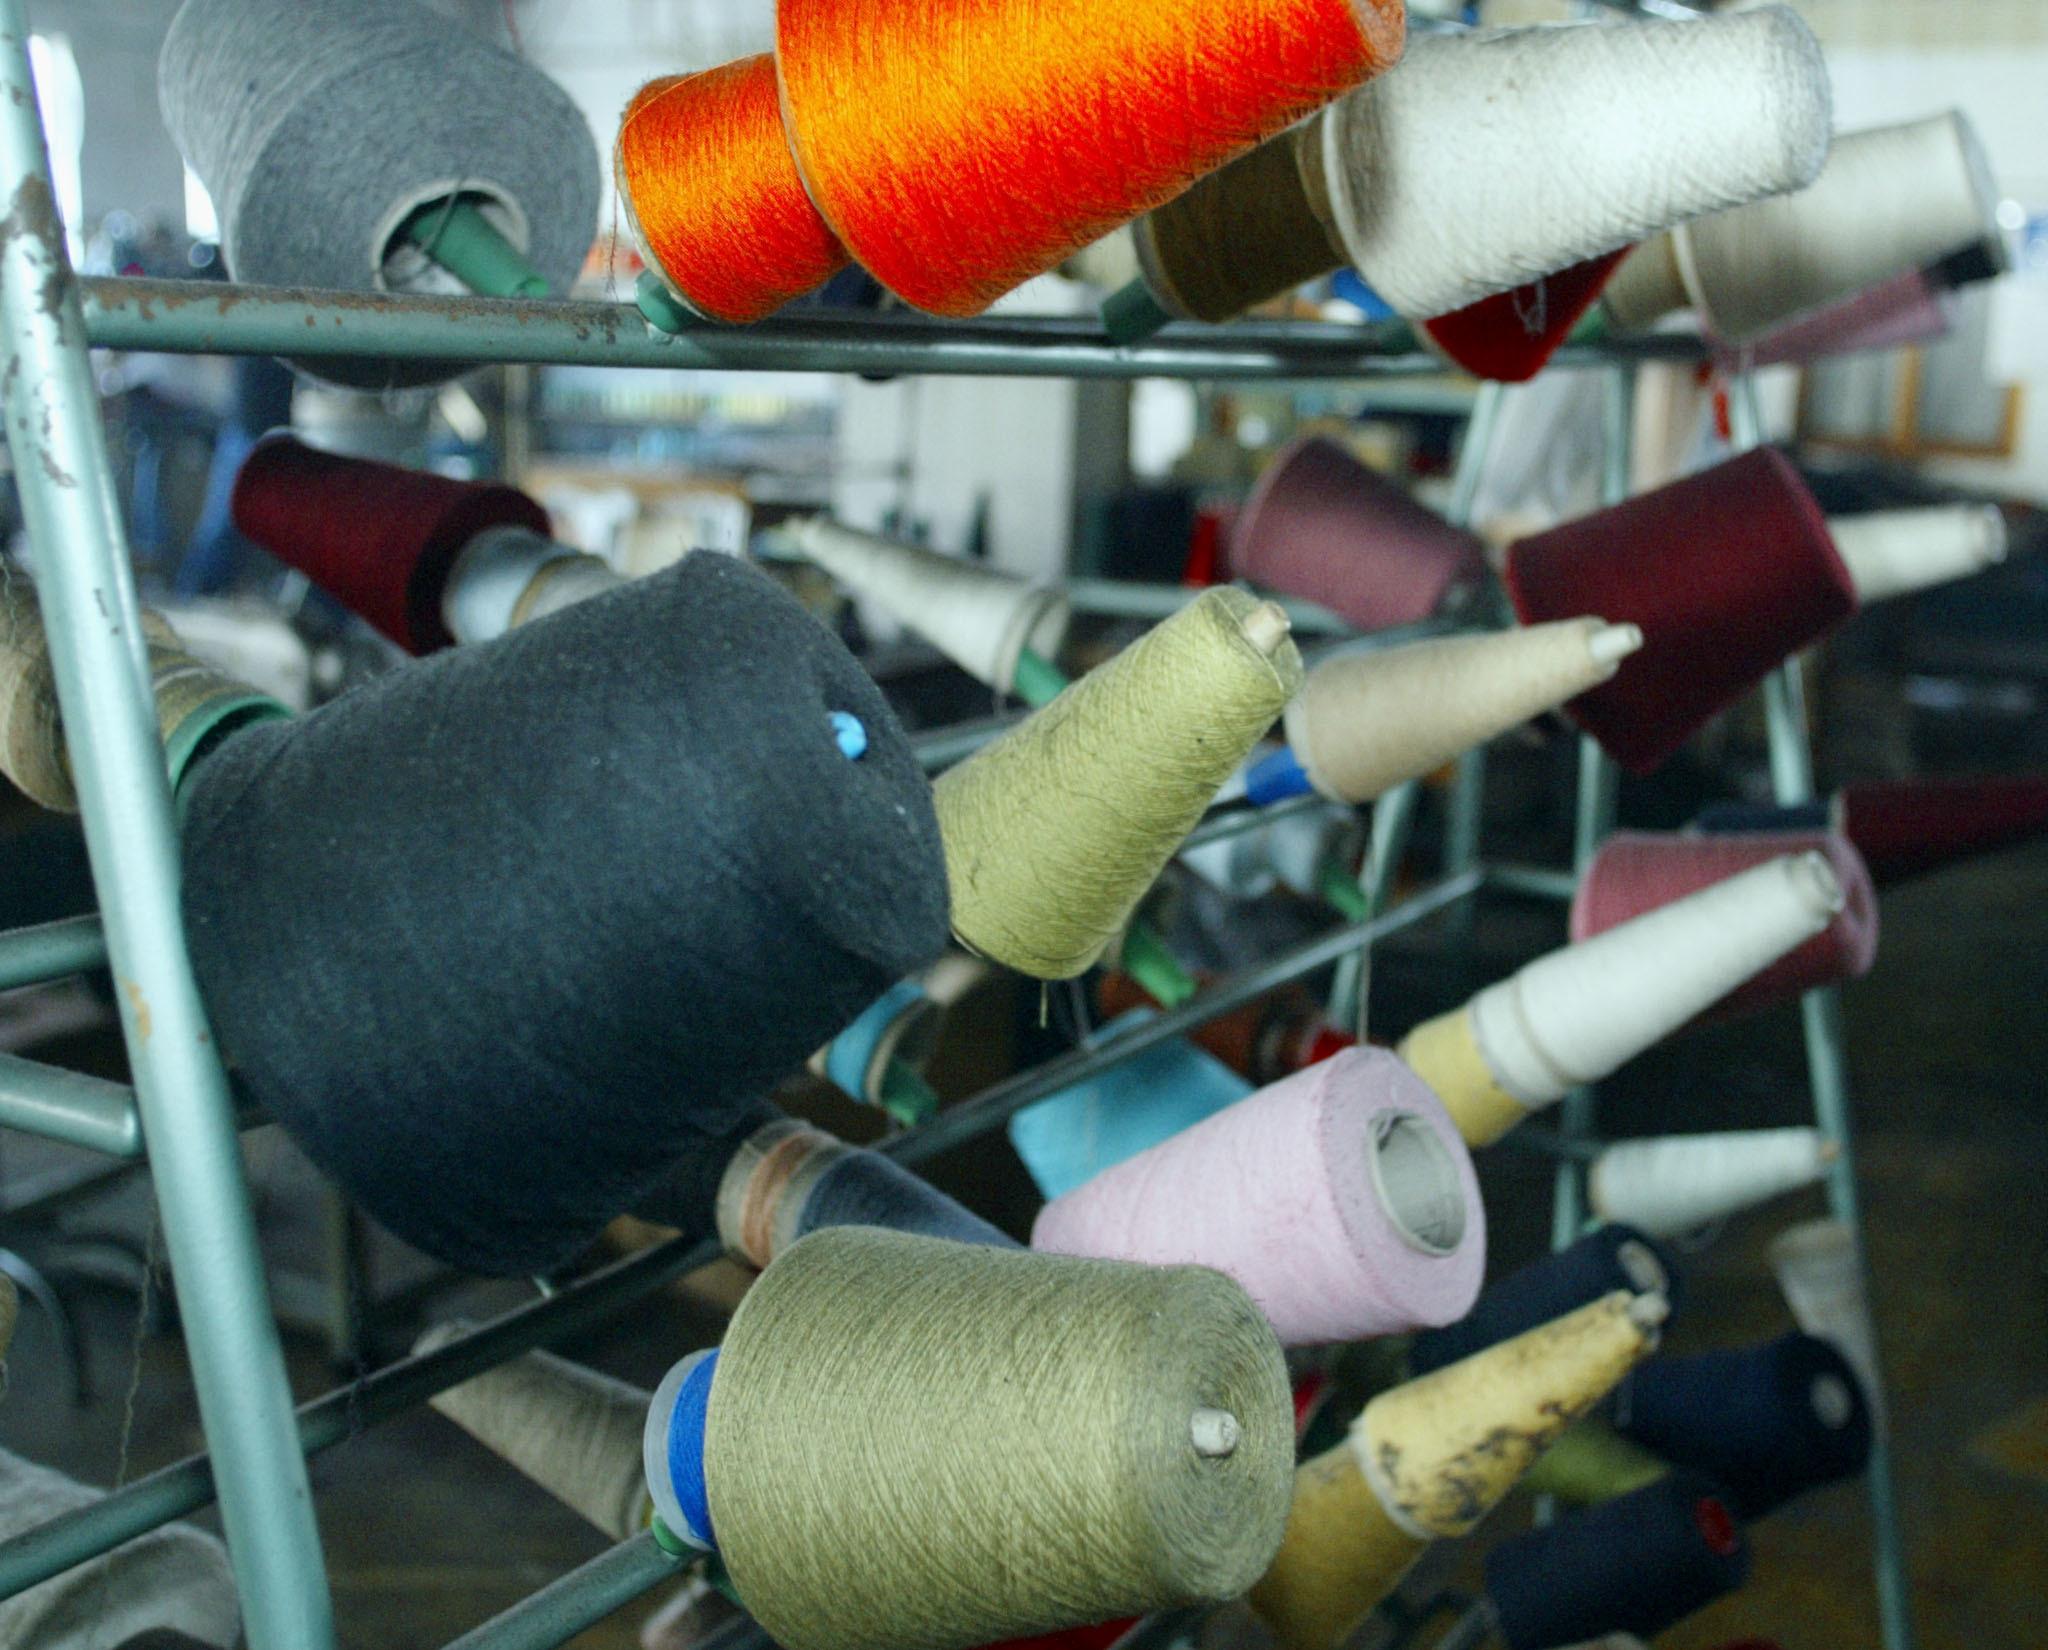 Estado angolano assume gestão de fábricas têxteis arrestadas pela PGR